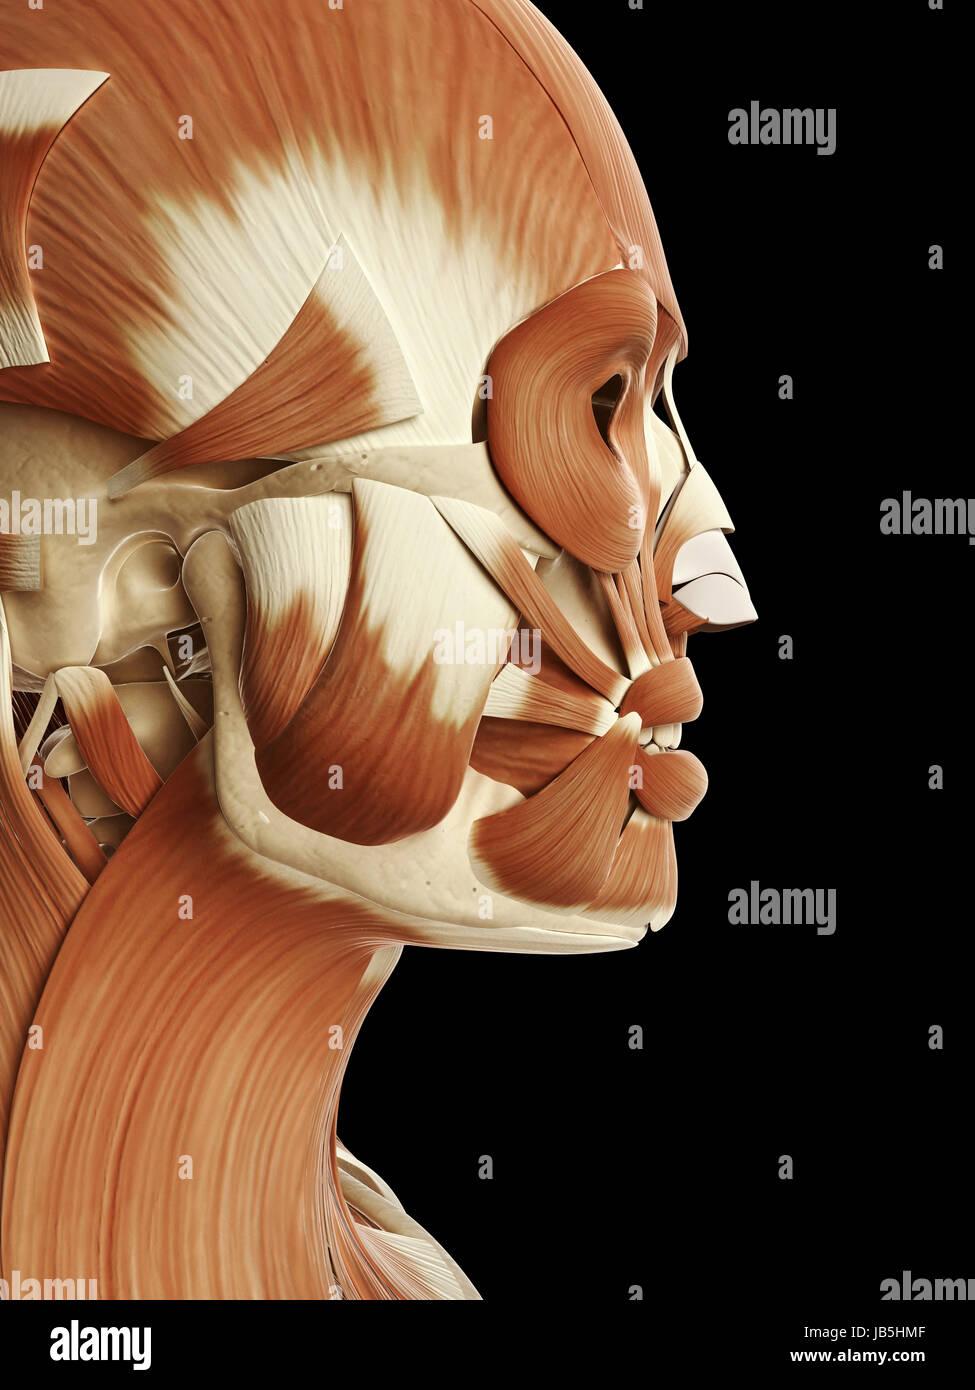 Fein Muskeln Des Gesichts Diagramm Galerie - Menschliche Anatomie ...